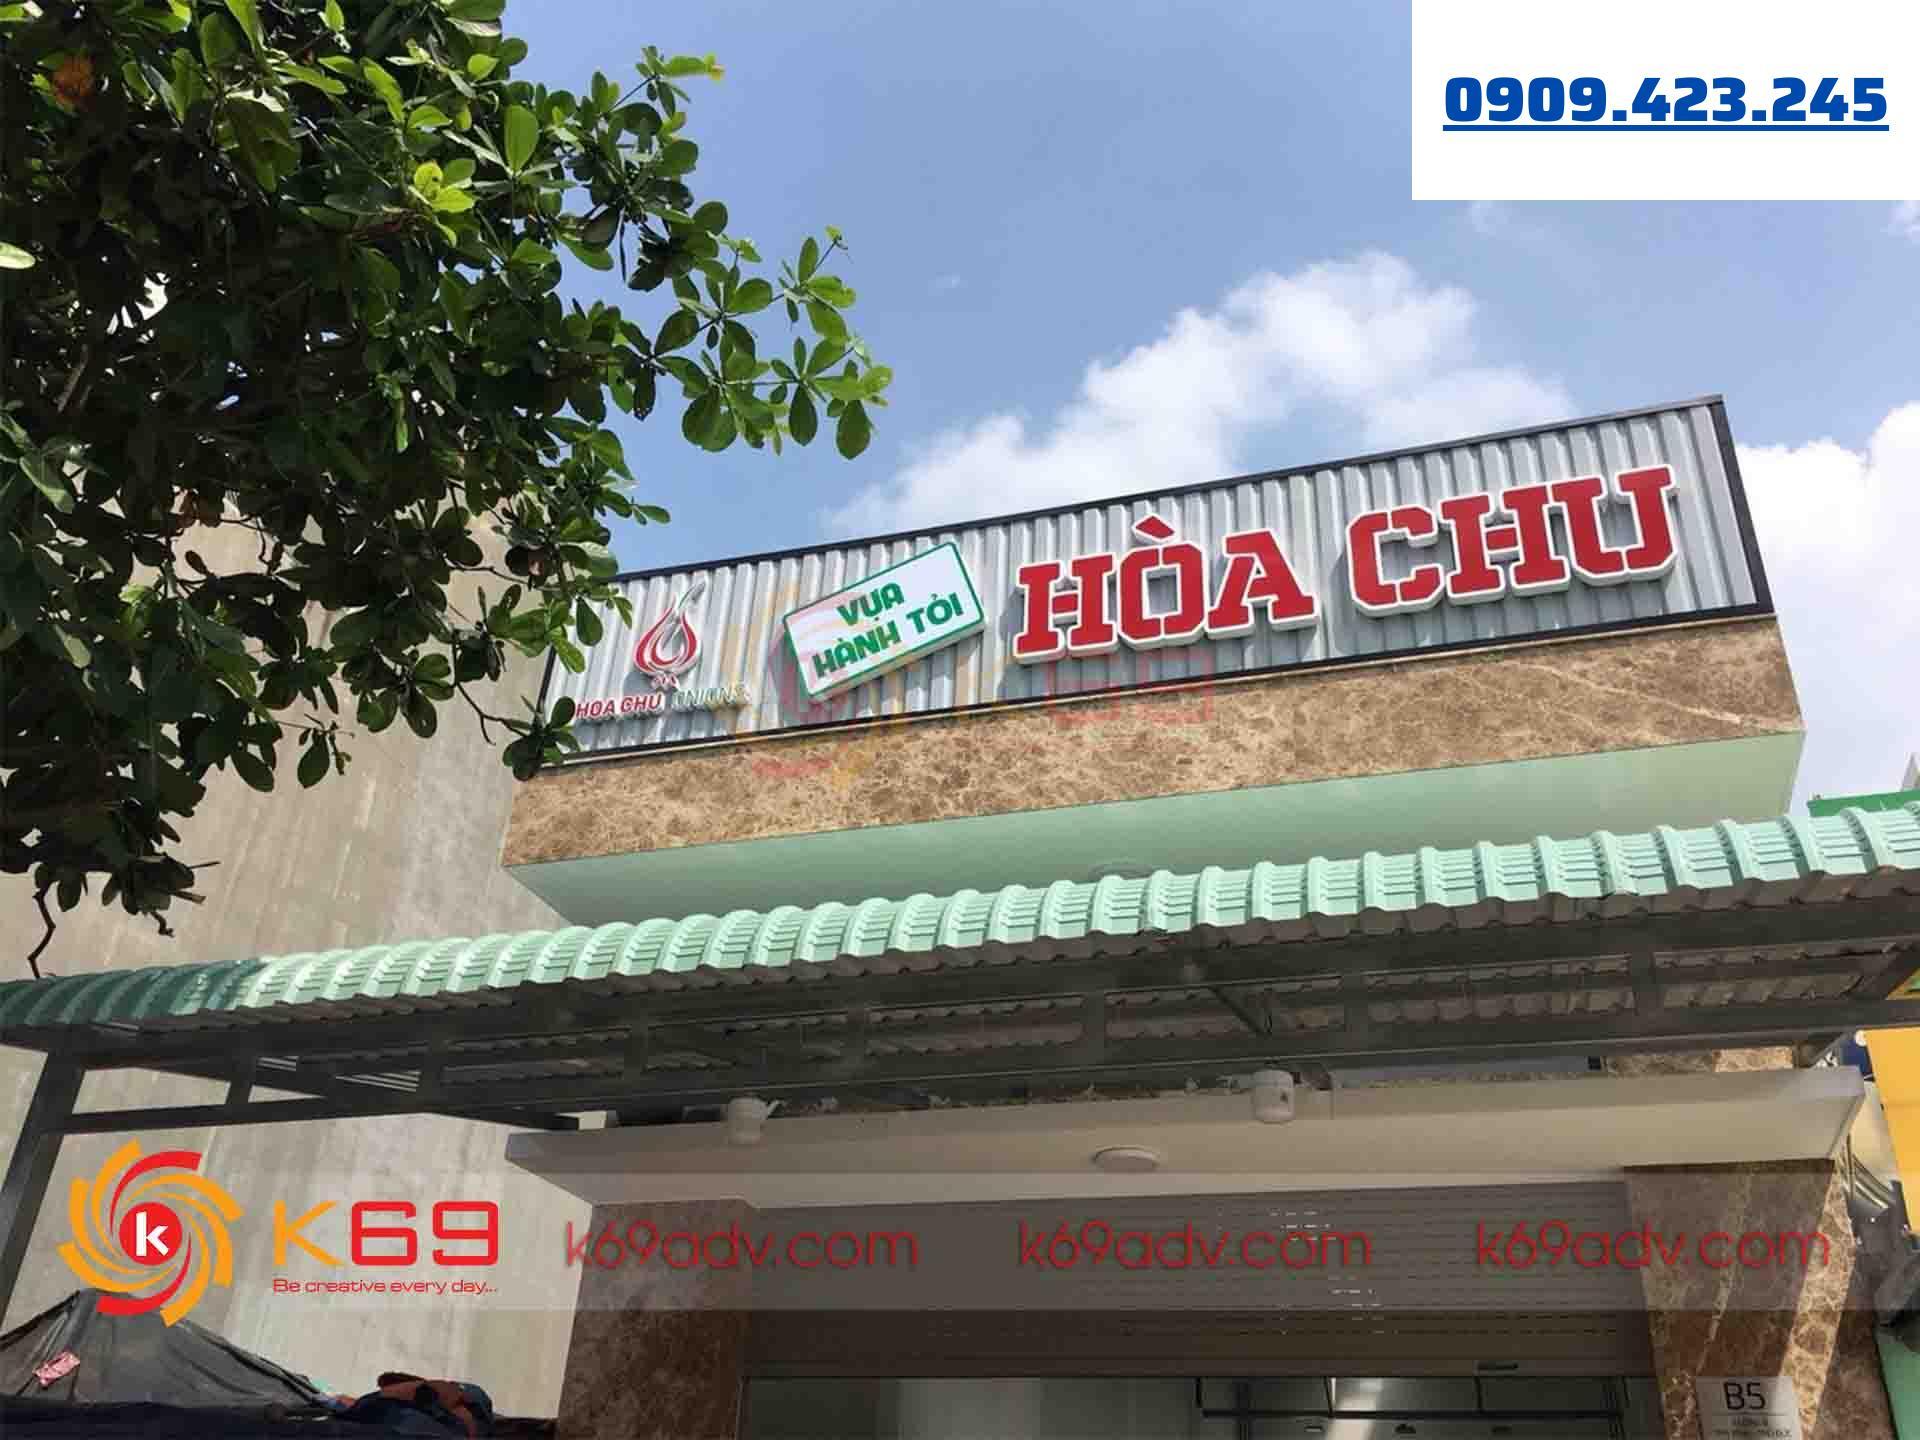 K69ADV Thiết Kế, Thi Công, Làm Bảng Hiệu Tại Quận 6 Uy Tín - Giá Rẻ - Chất Lượng